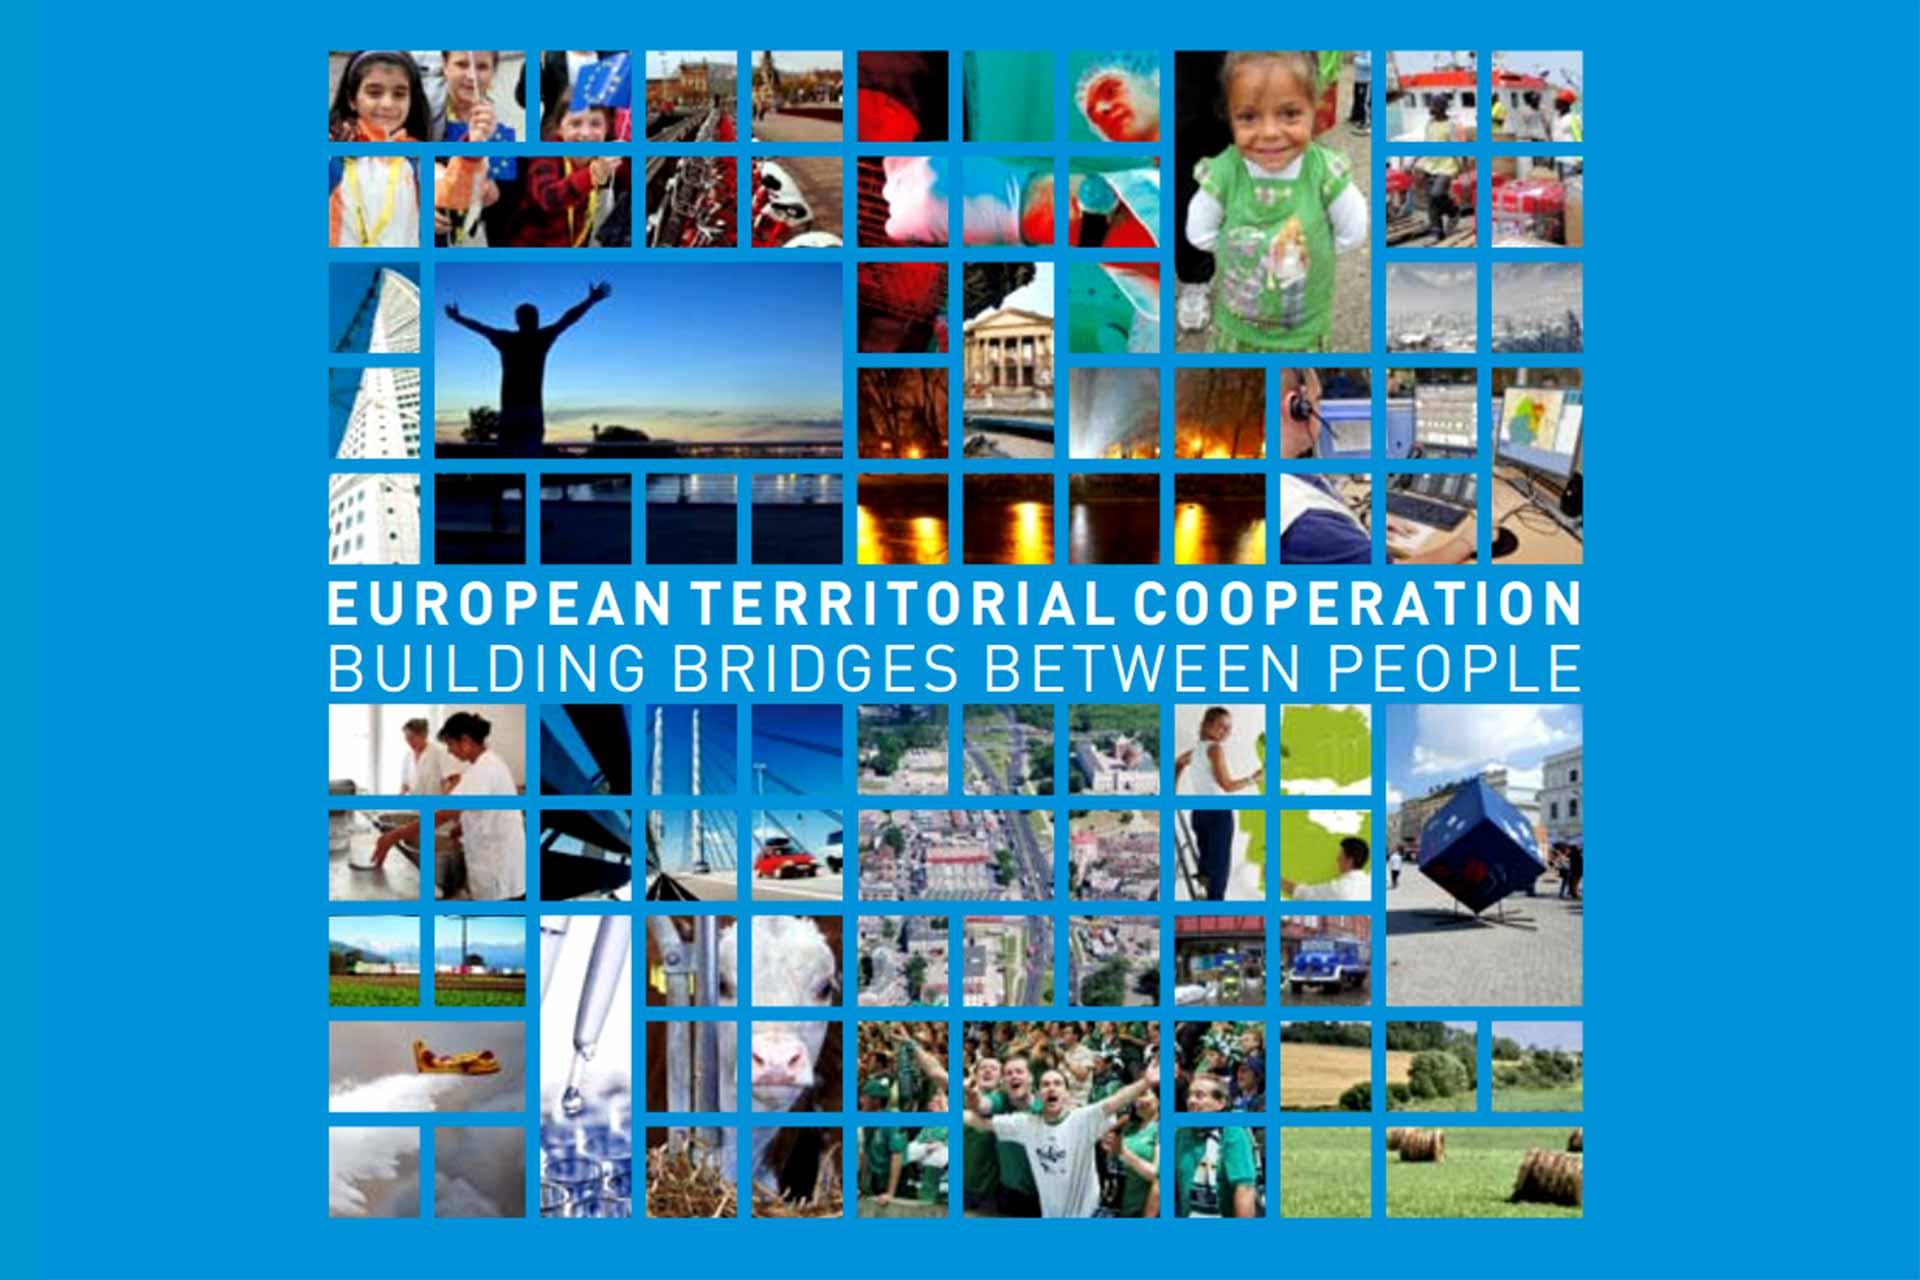 Interreg : European Territorial Co-operation